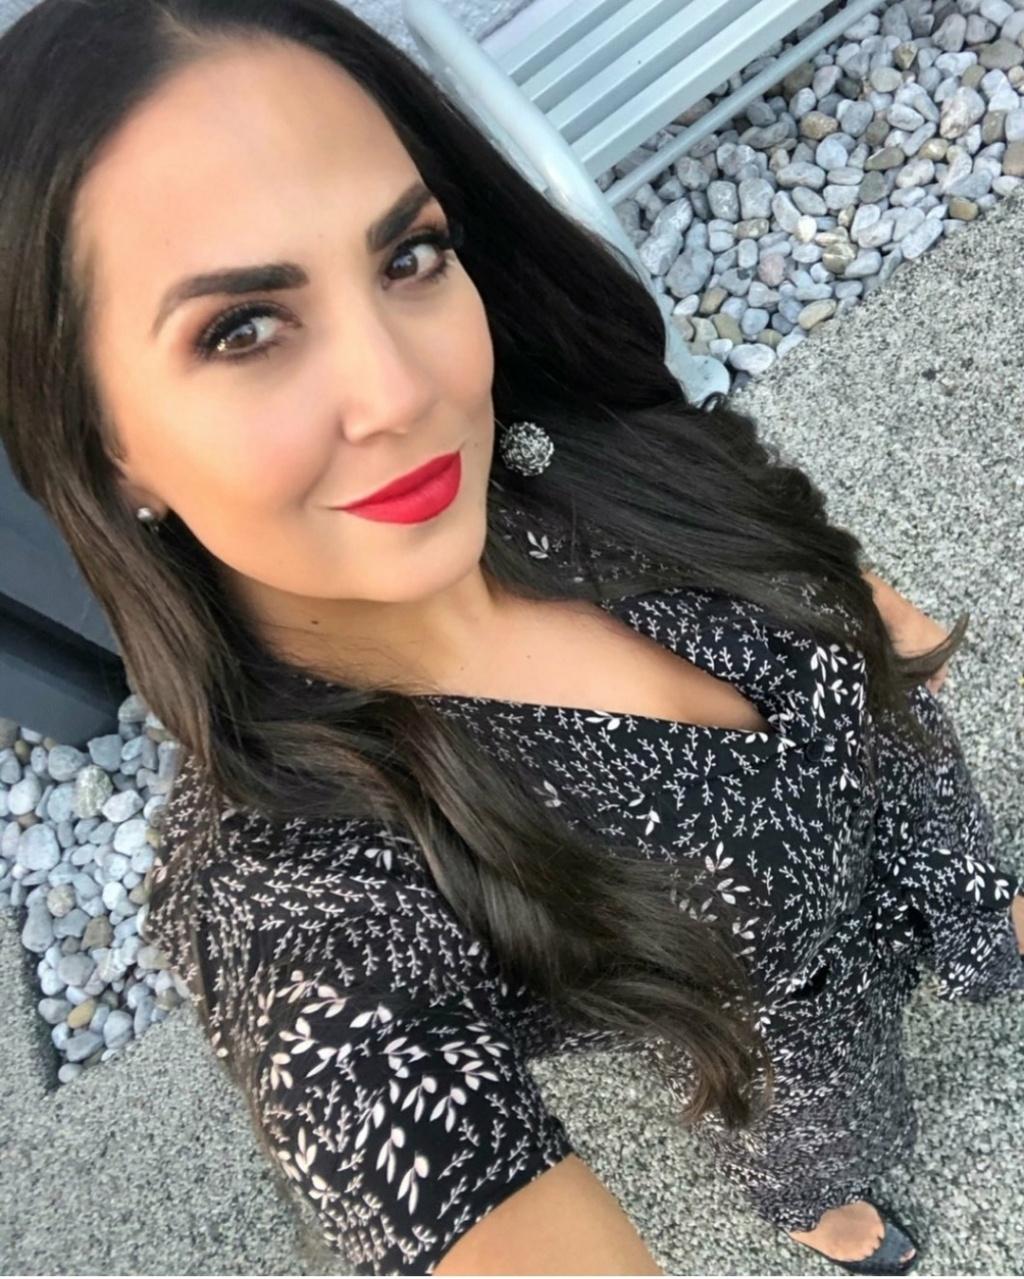 DEBATE sobre belleza, guapura y hermosura (fotos de chicas latinas, mestizas, y de todo) - VOL II - Página 8 Img_1265